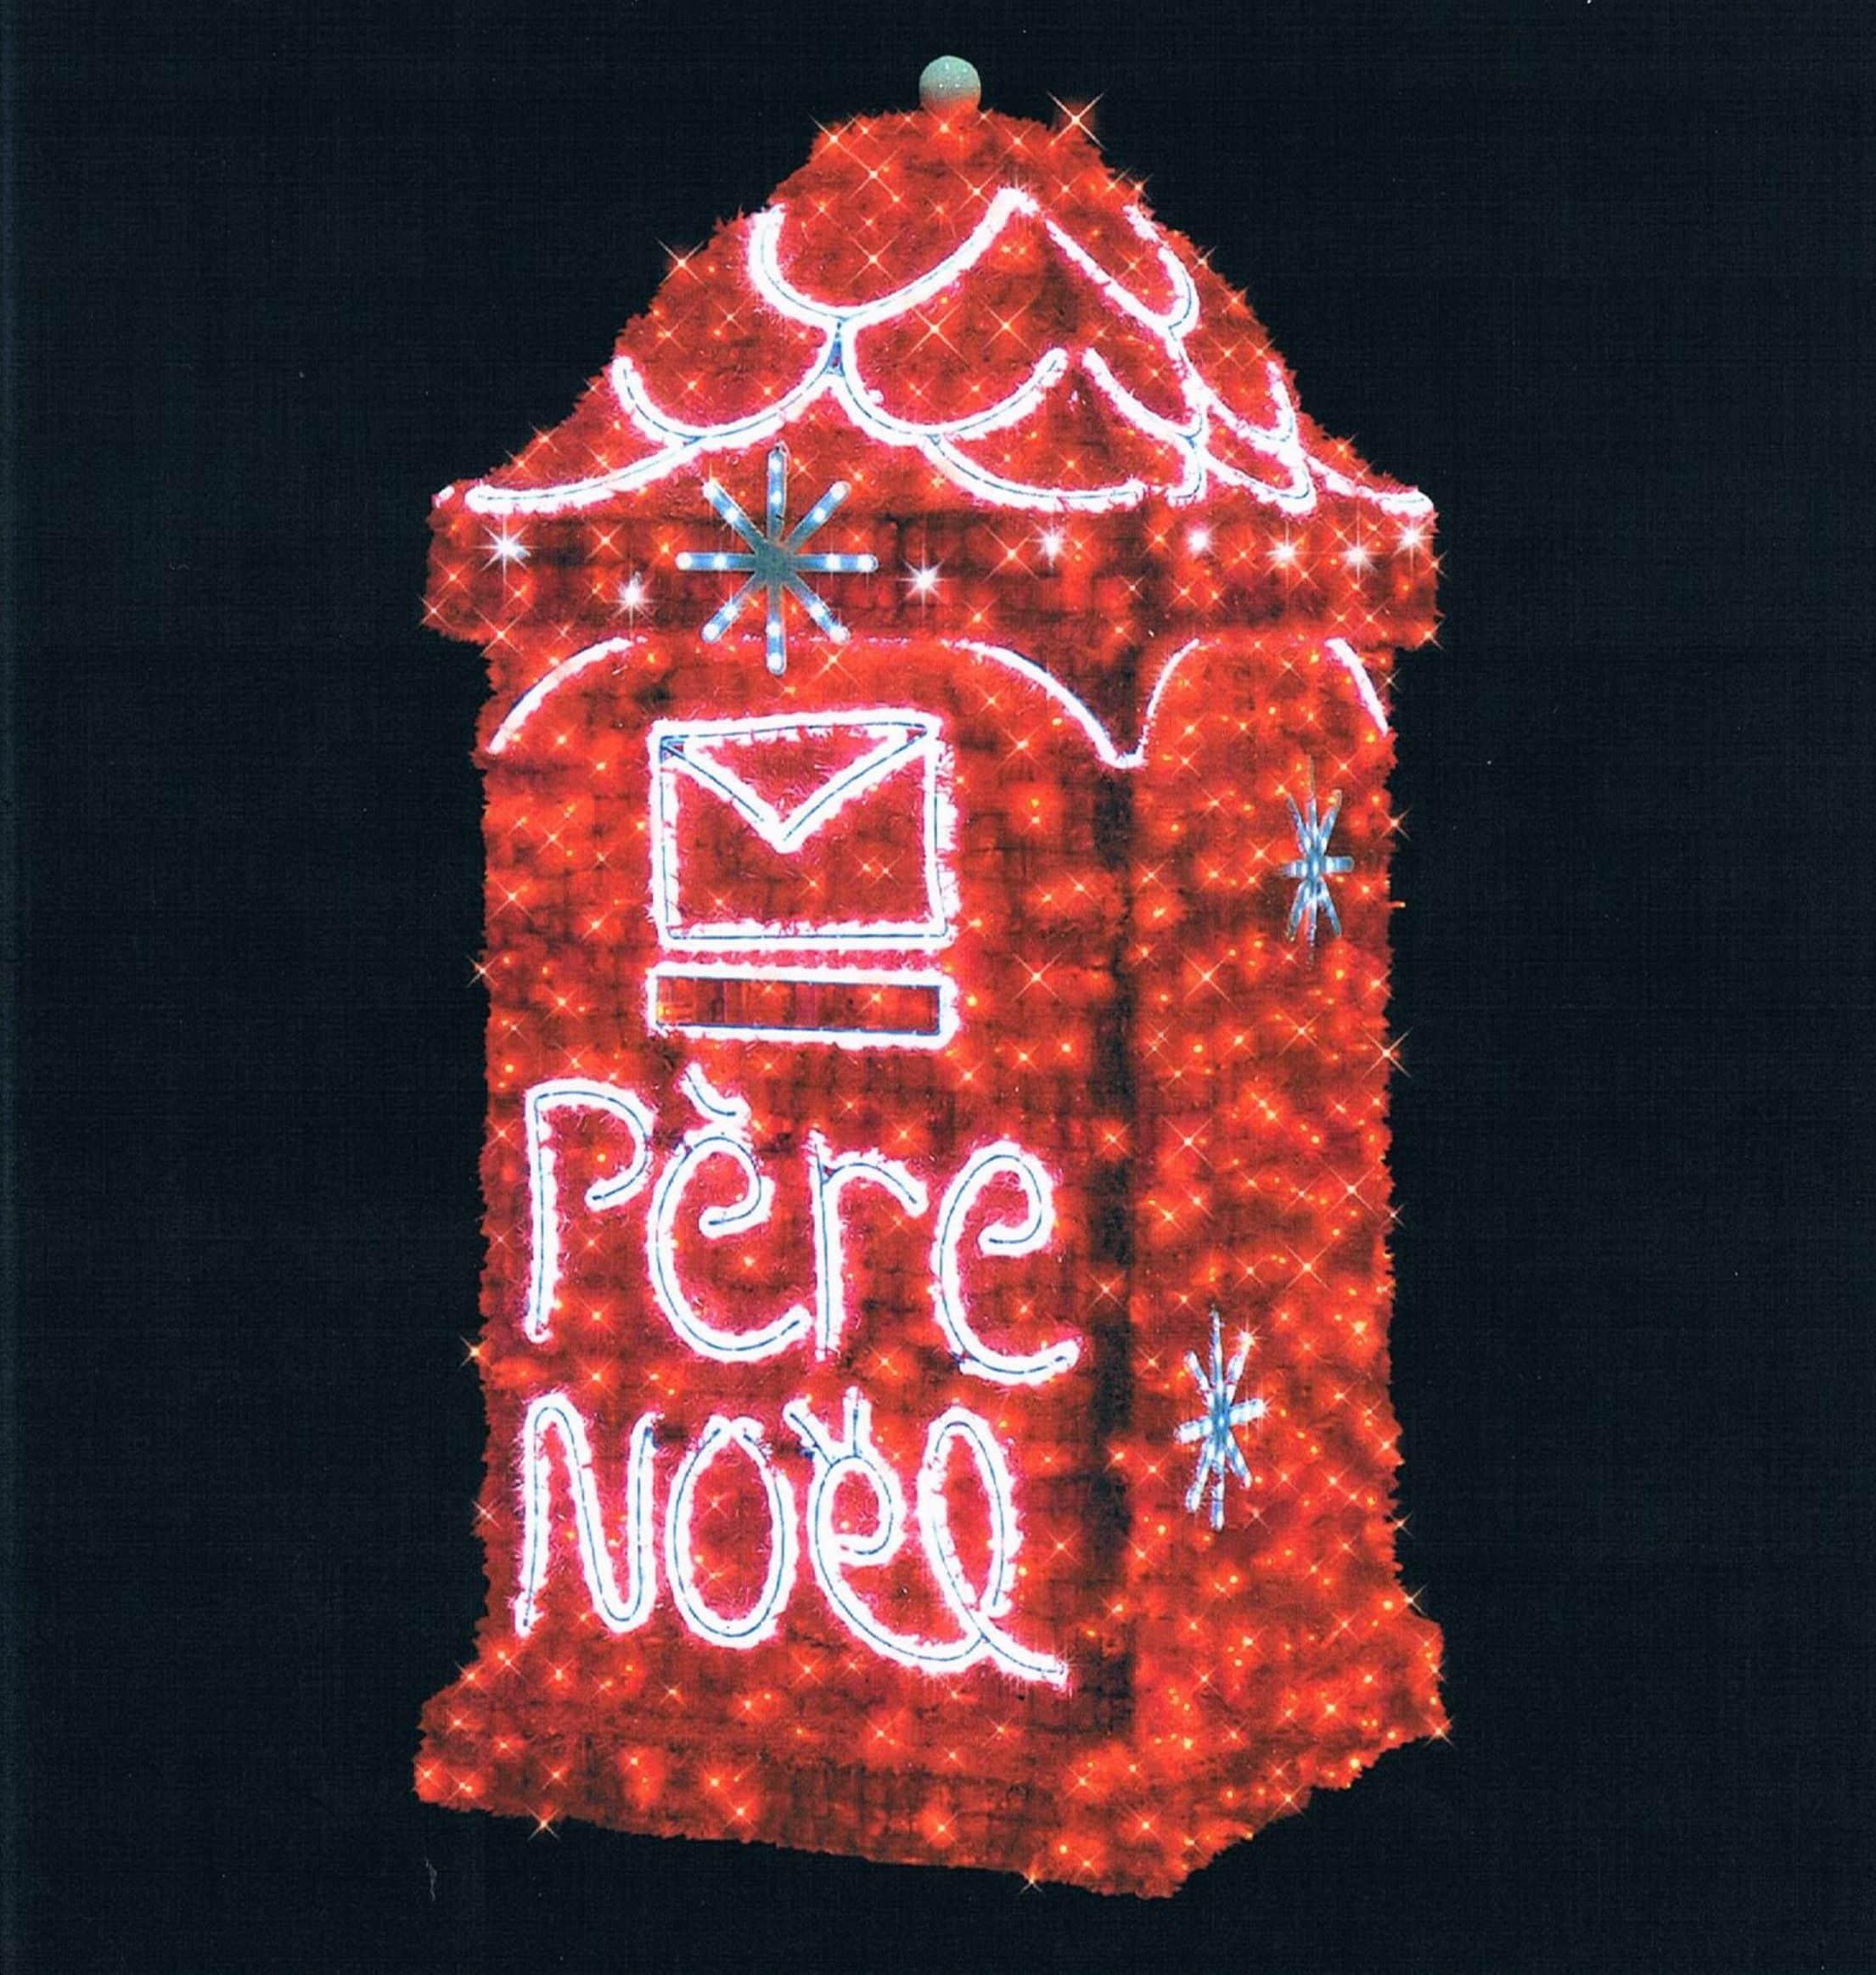 Le Pere Noel Repond Au Lettre.Pour Repondre Aux Enfants Des Aines Vont Assurer Le